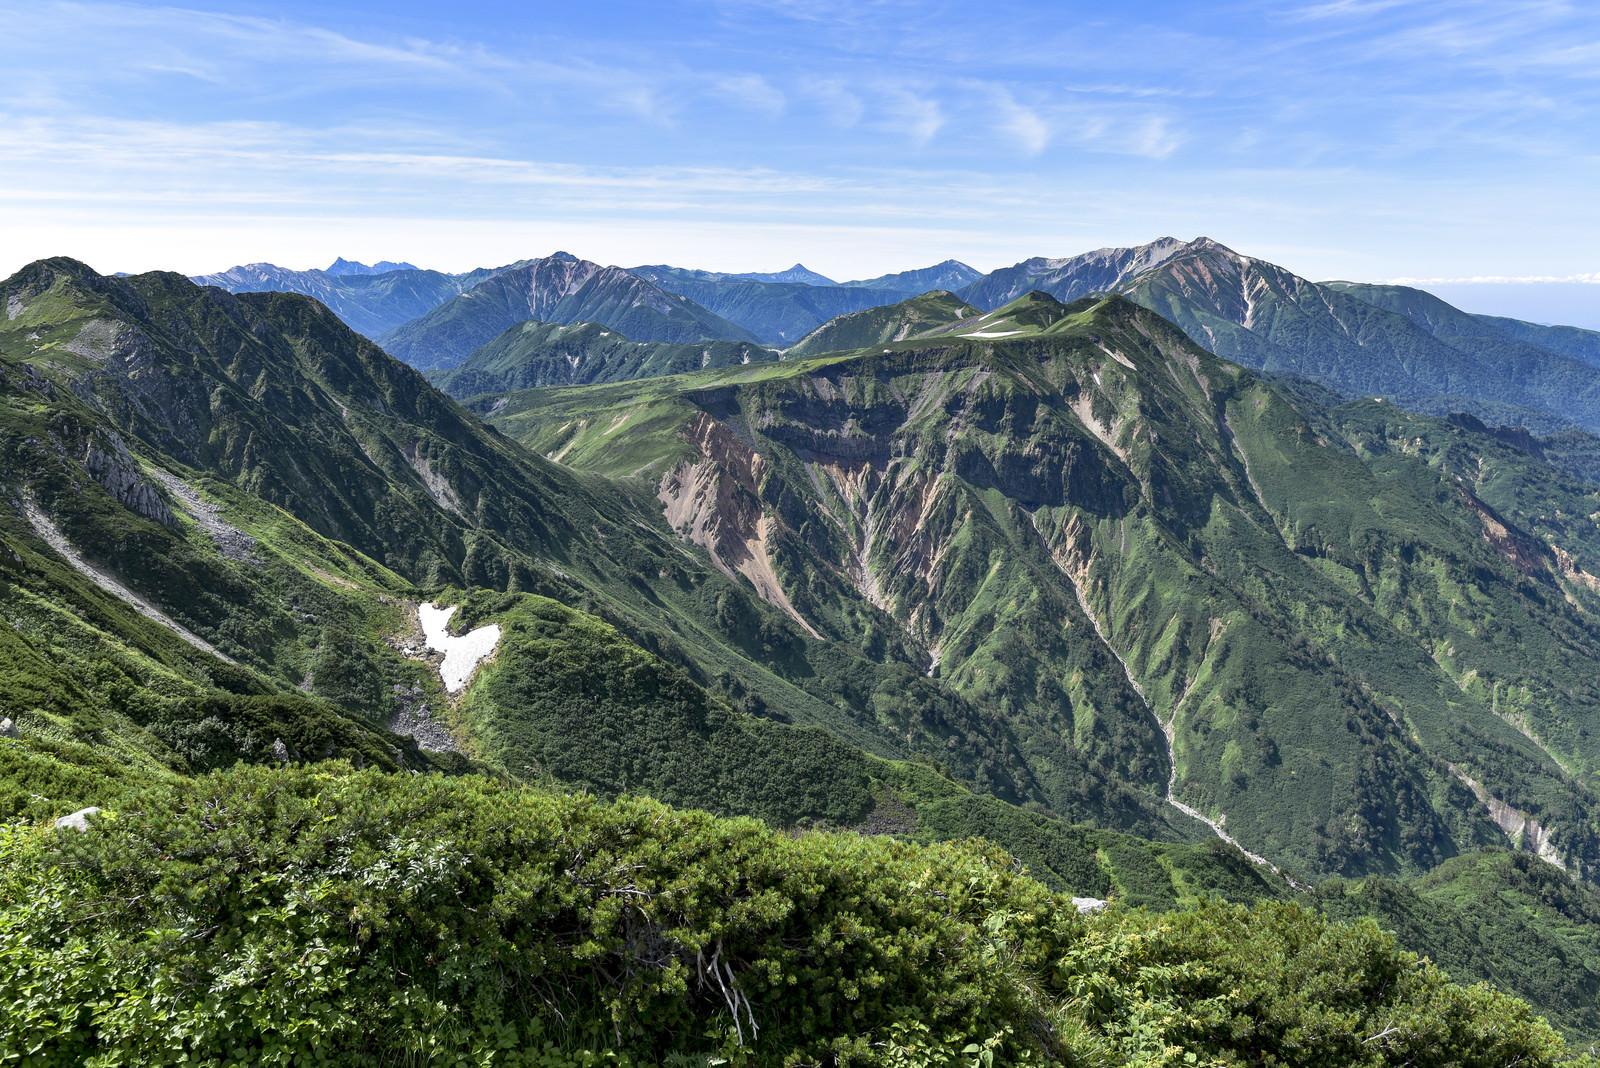 「立山カルデラザラ峠方面」の写真